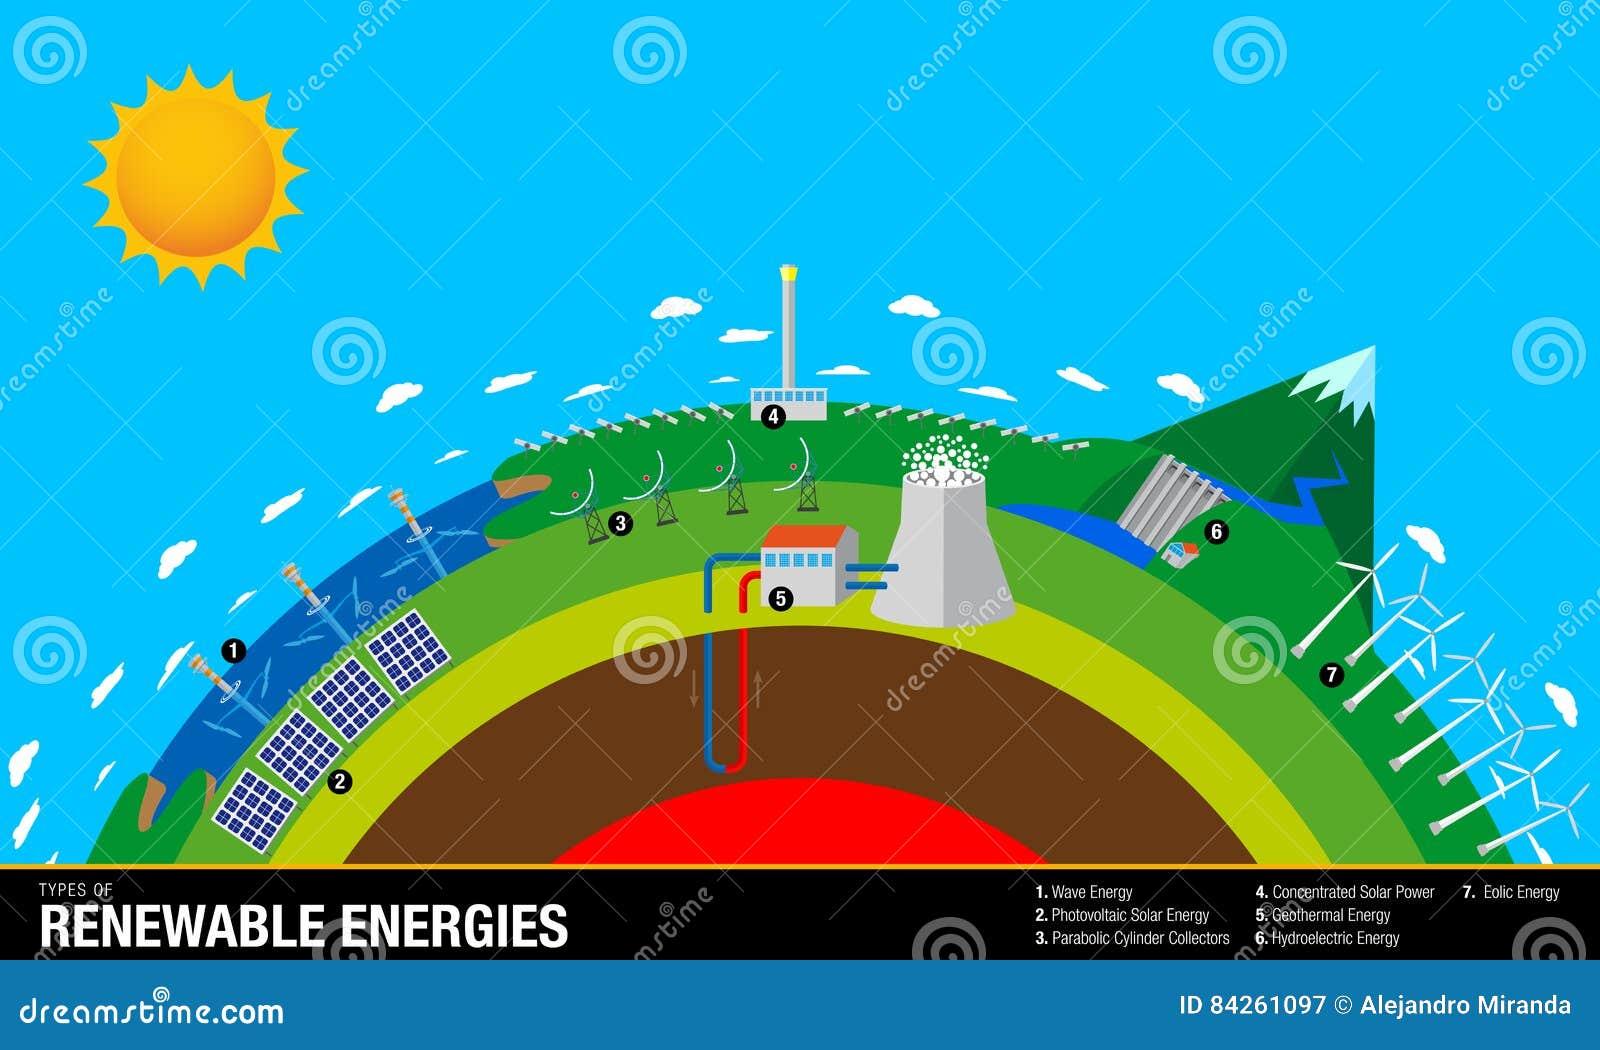 Arten Von Erneuerbaren Energien - Das Diagramm Enthält: Wellen ...